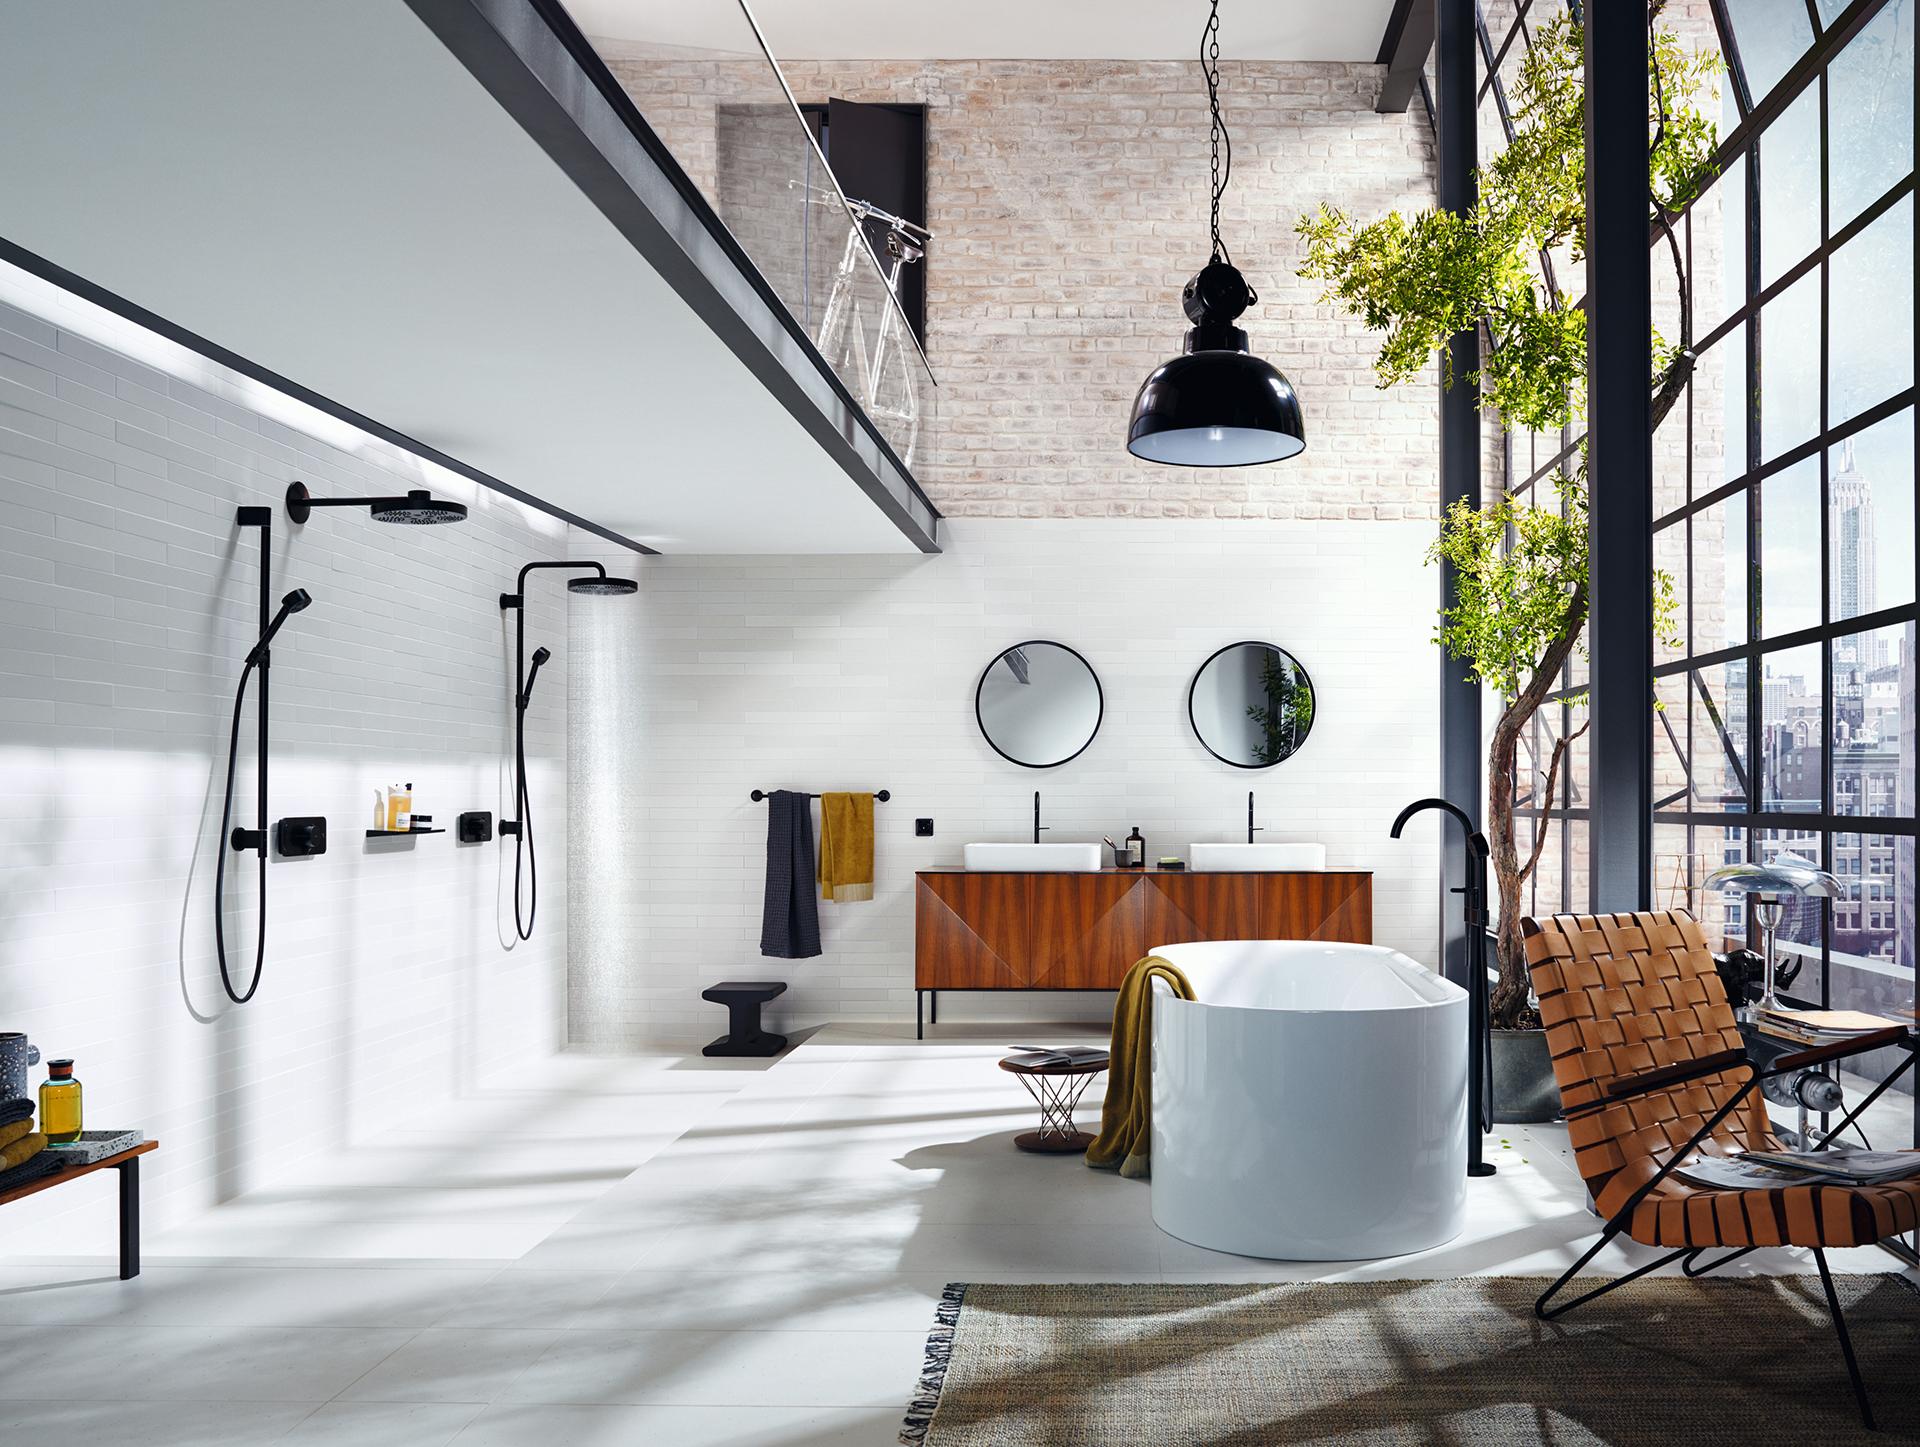 Тренды 2020/2021: коллекция для ванной Barber & Osgerby